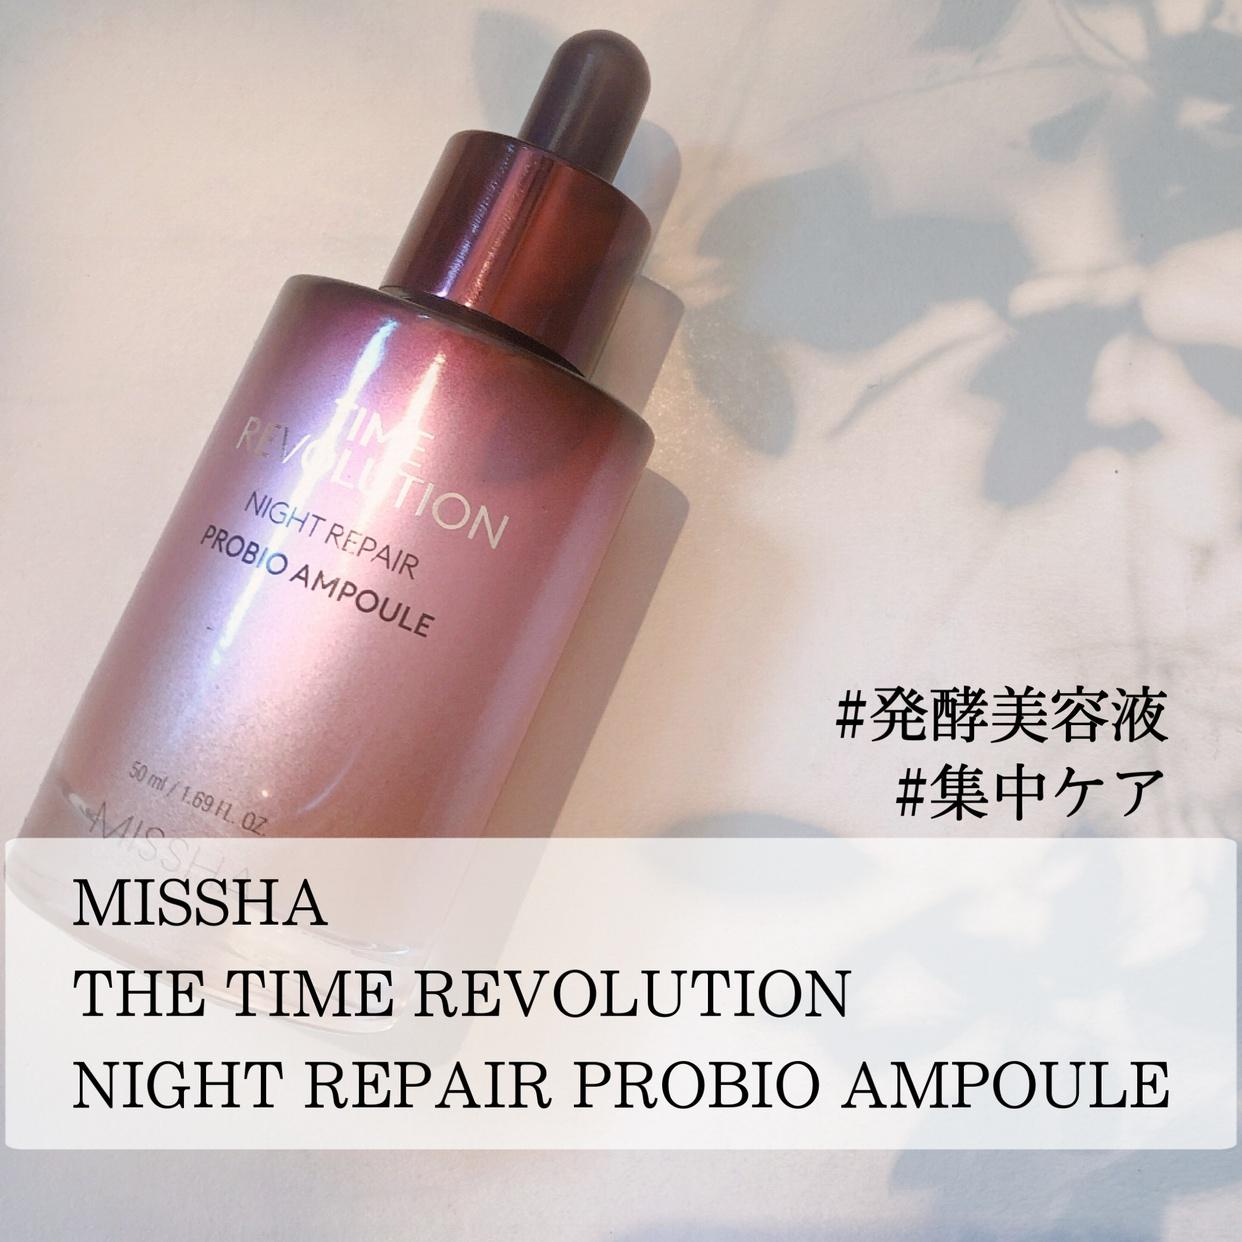 MISSHA(ミシャ) レボリューション ナイト サイエンス エッセンスを使ったsachikoさんのクチコミ画像1